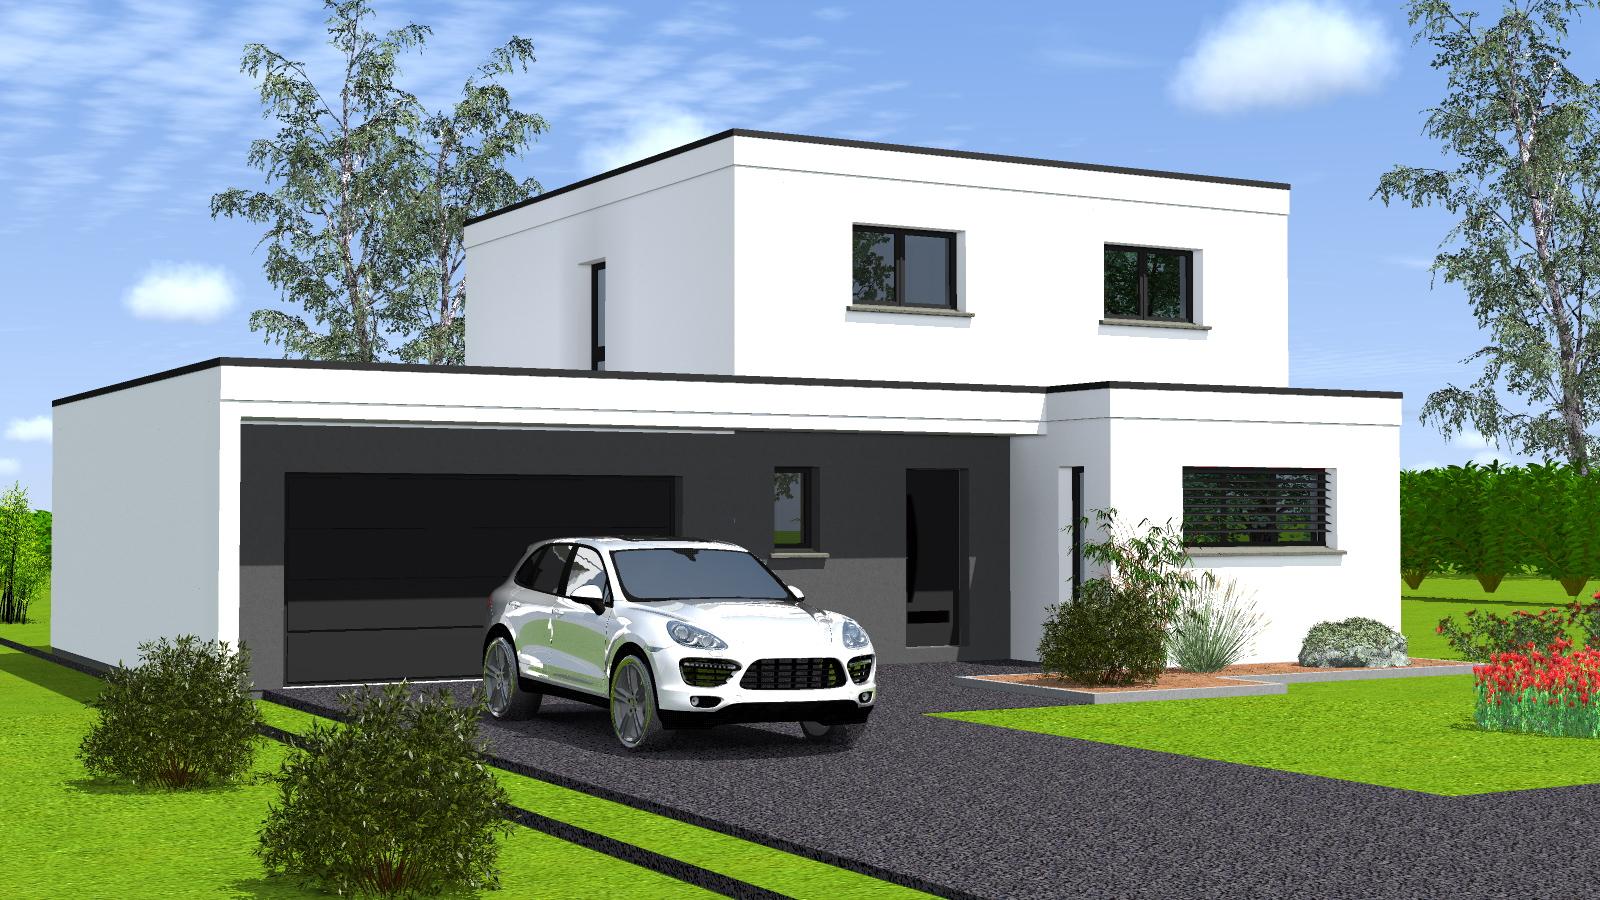 Constructeur Maison toit Plat Maison Moderne toit Plat Wgx25 Napanonprofits - Idees Conception ...